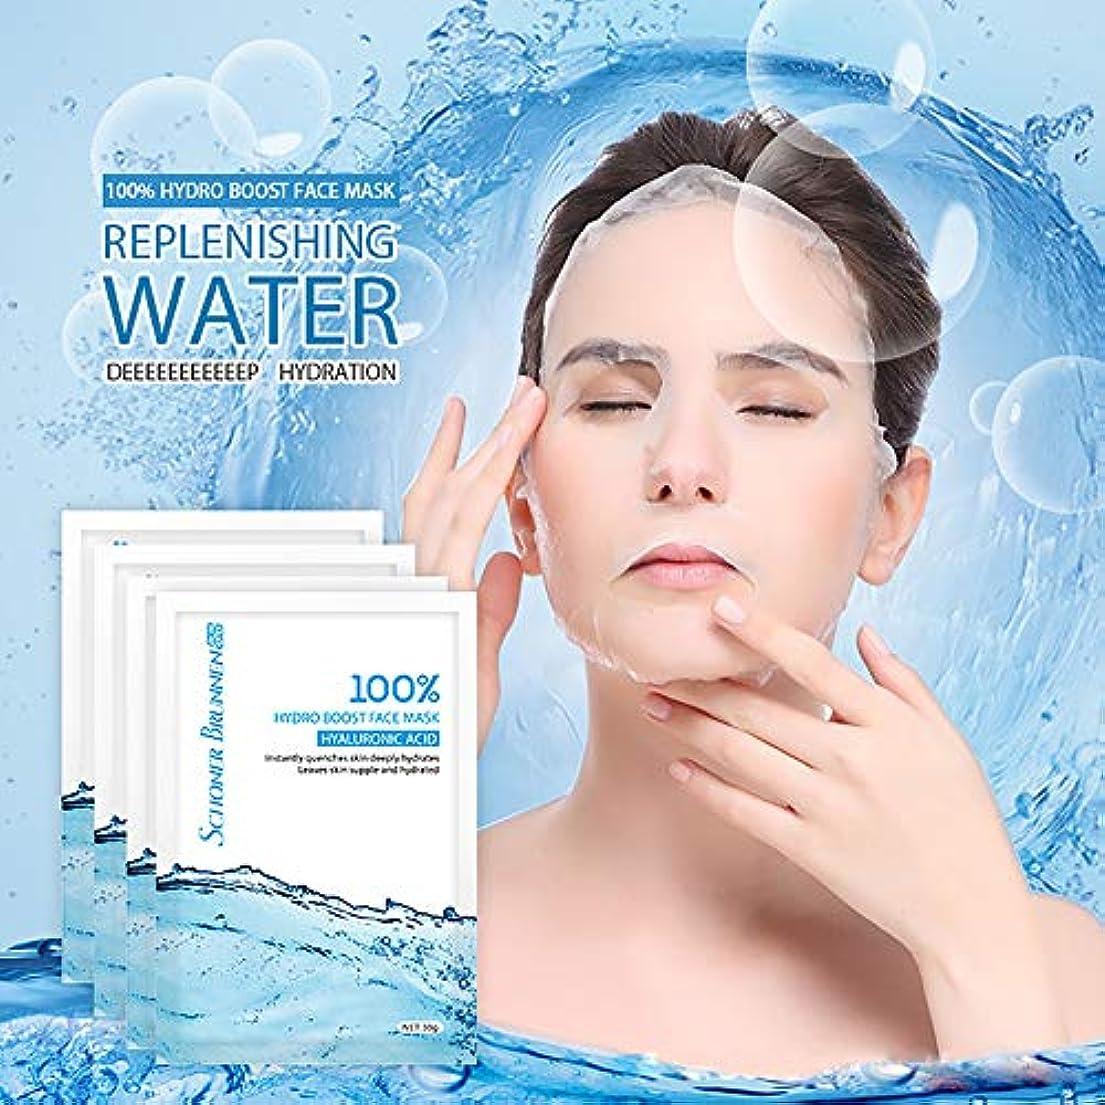 蜜浴好ましいヒアルロン酸エッセンス保湿フェイシャルフェイスマスクシート、フェイスマスクによるディープモイスチャライジング、幹細胞抽出物によるアンチエイジングアンチリンクル